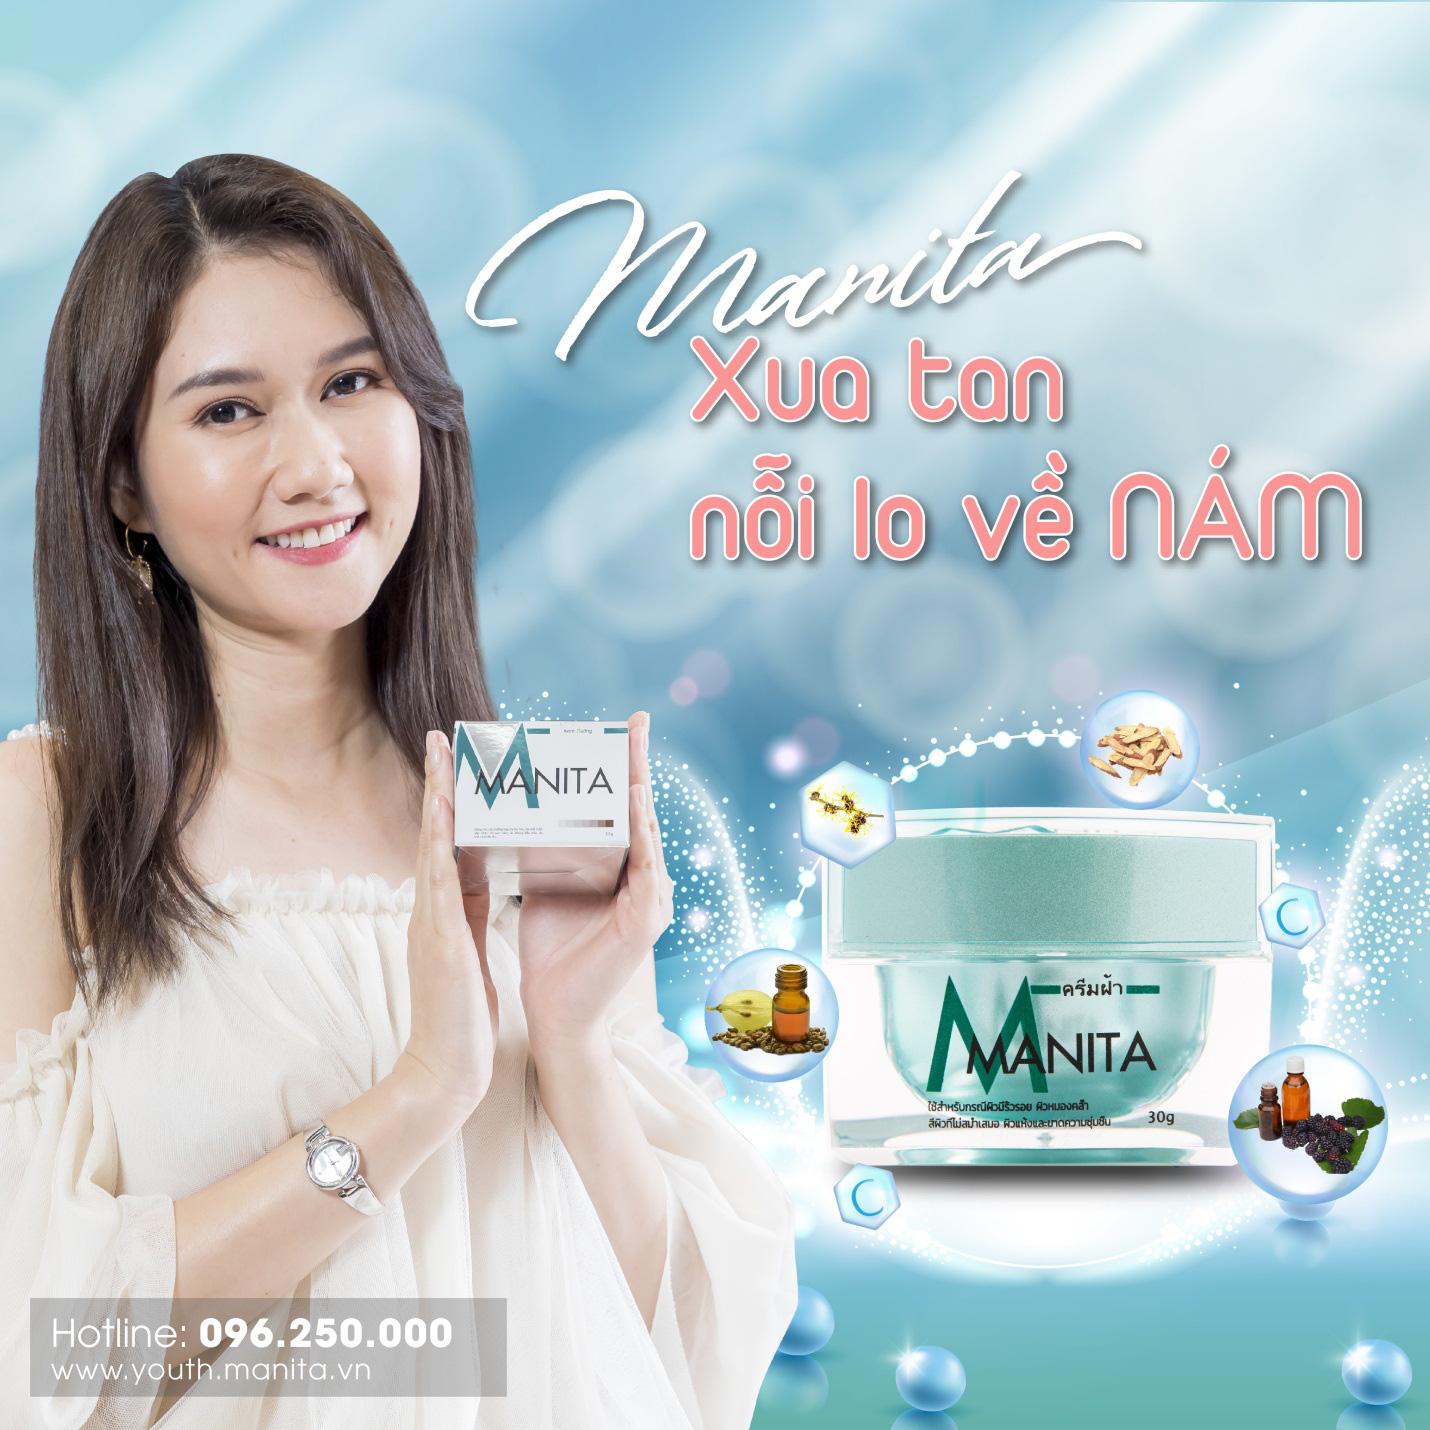 Kem dưỡng Manita hỗ trợ phụ nữ Việt đẩy lùi thâm nám - Ảnh 2.